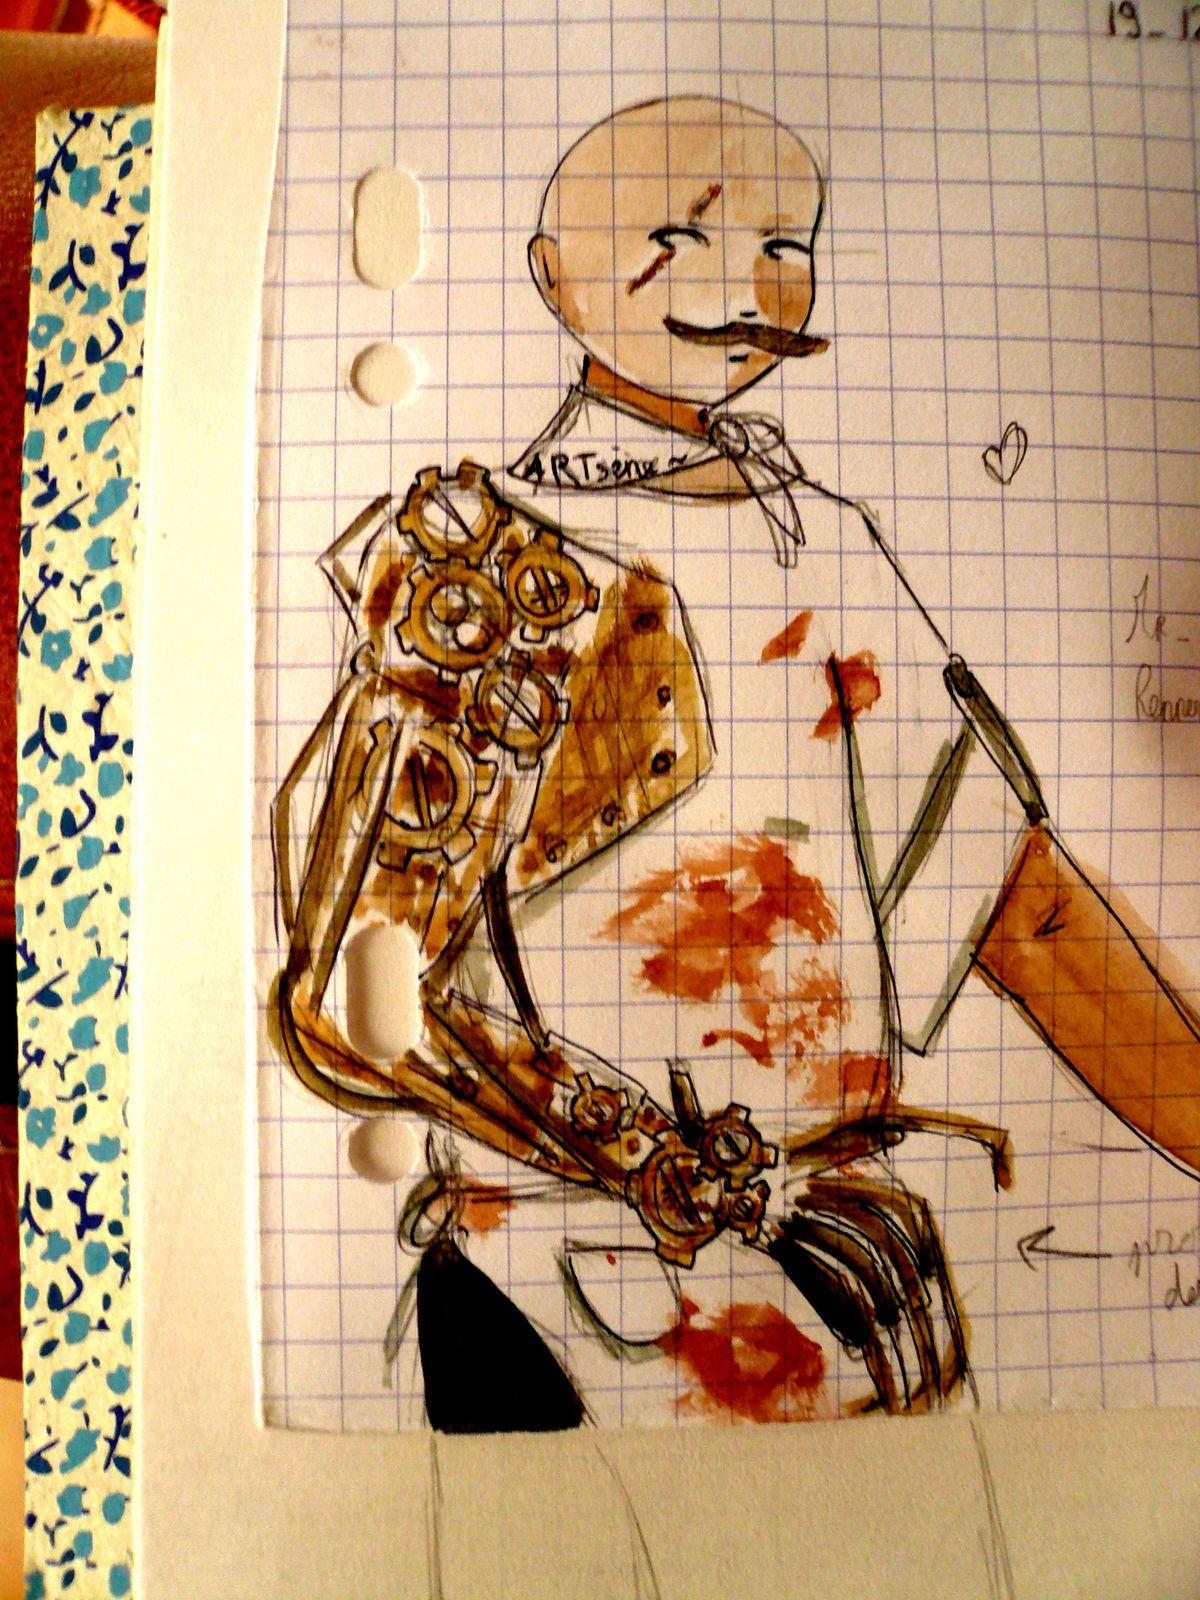 Personnage pré-défini pour lechangearium.forumactif.org